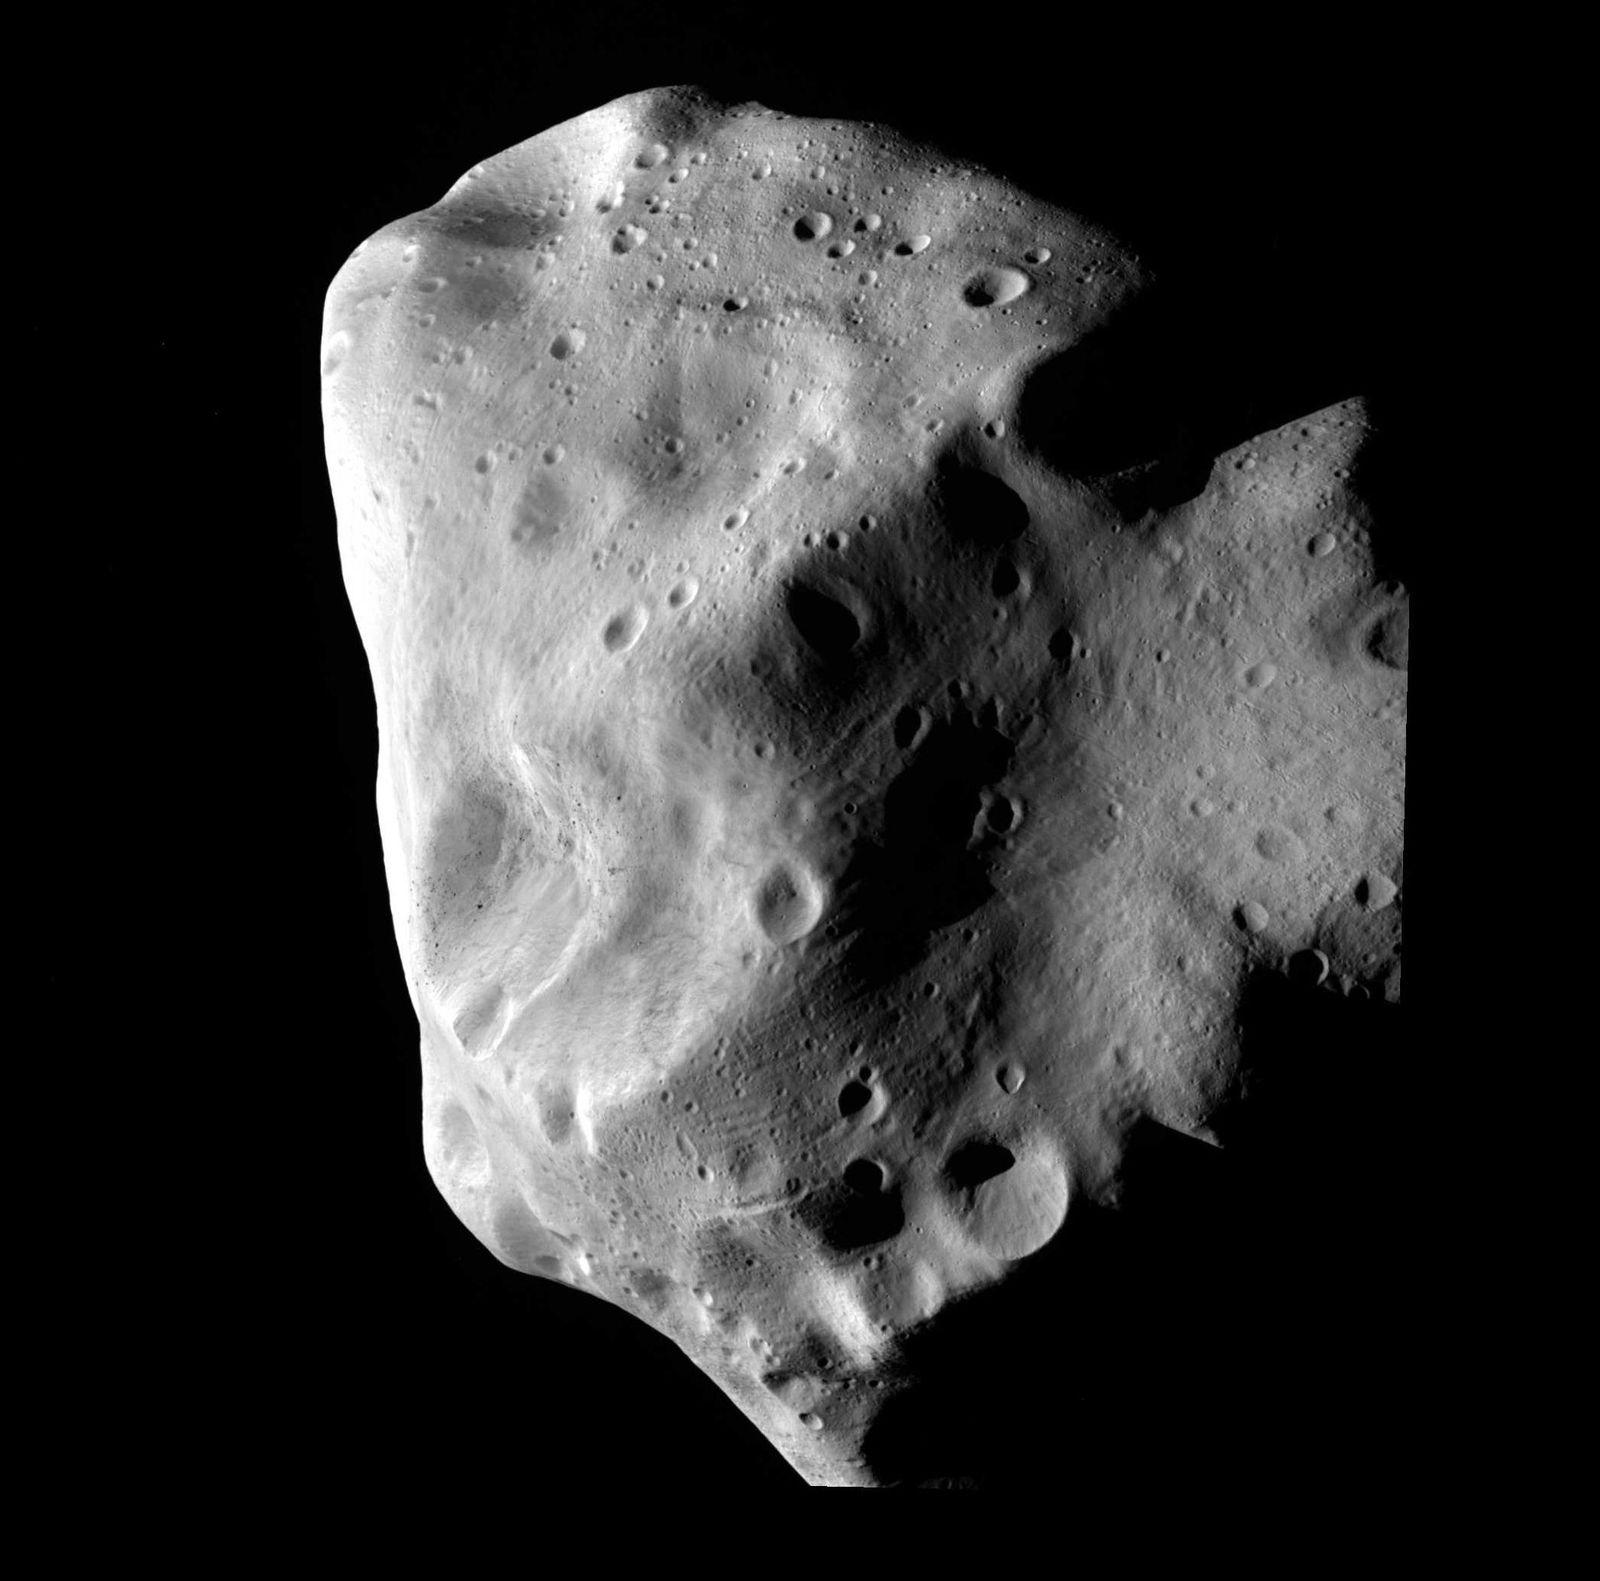 Kometenjäger Rosetta / Asteroid Lutetia